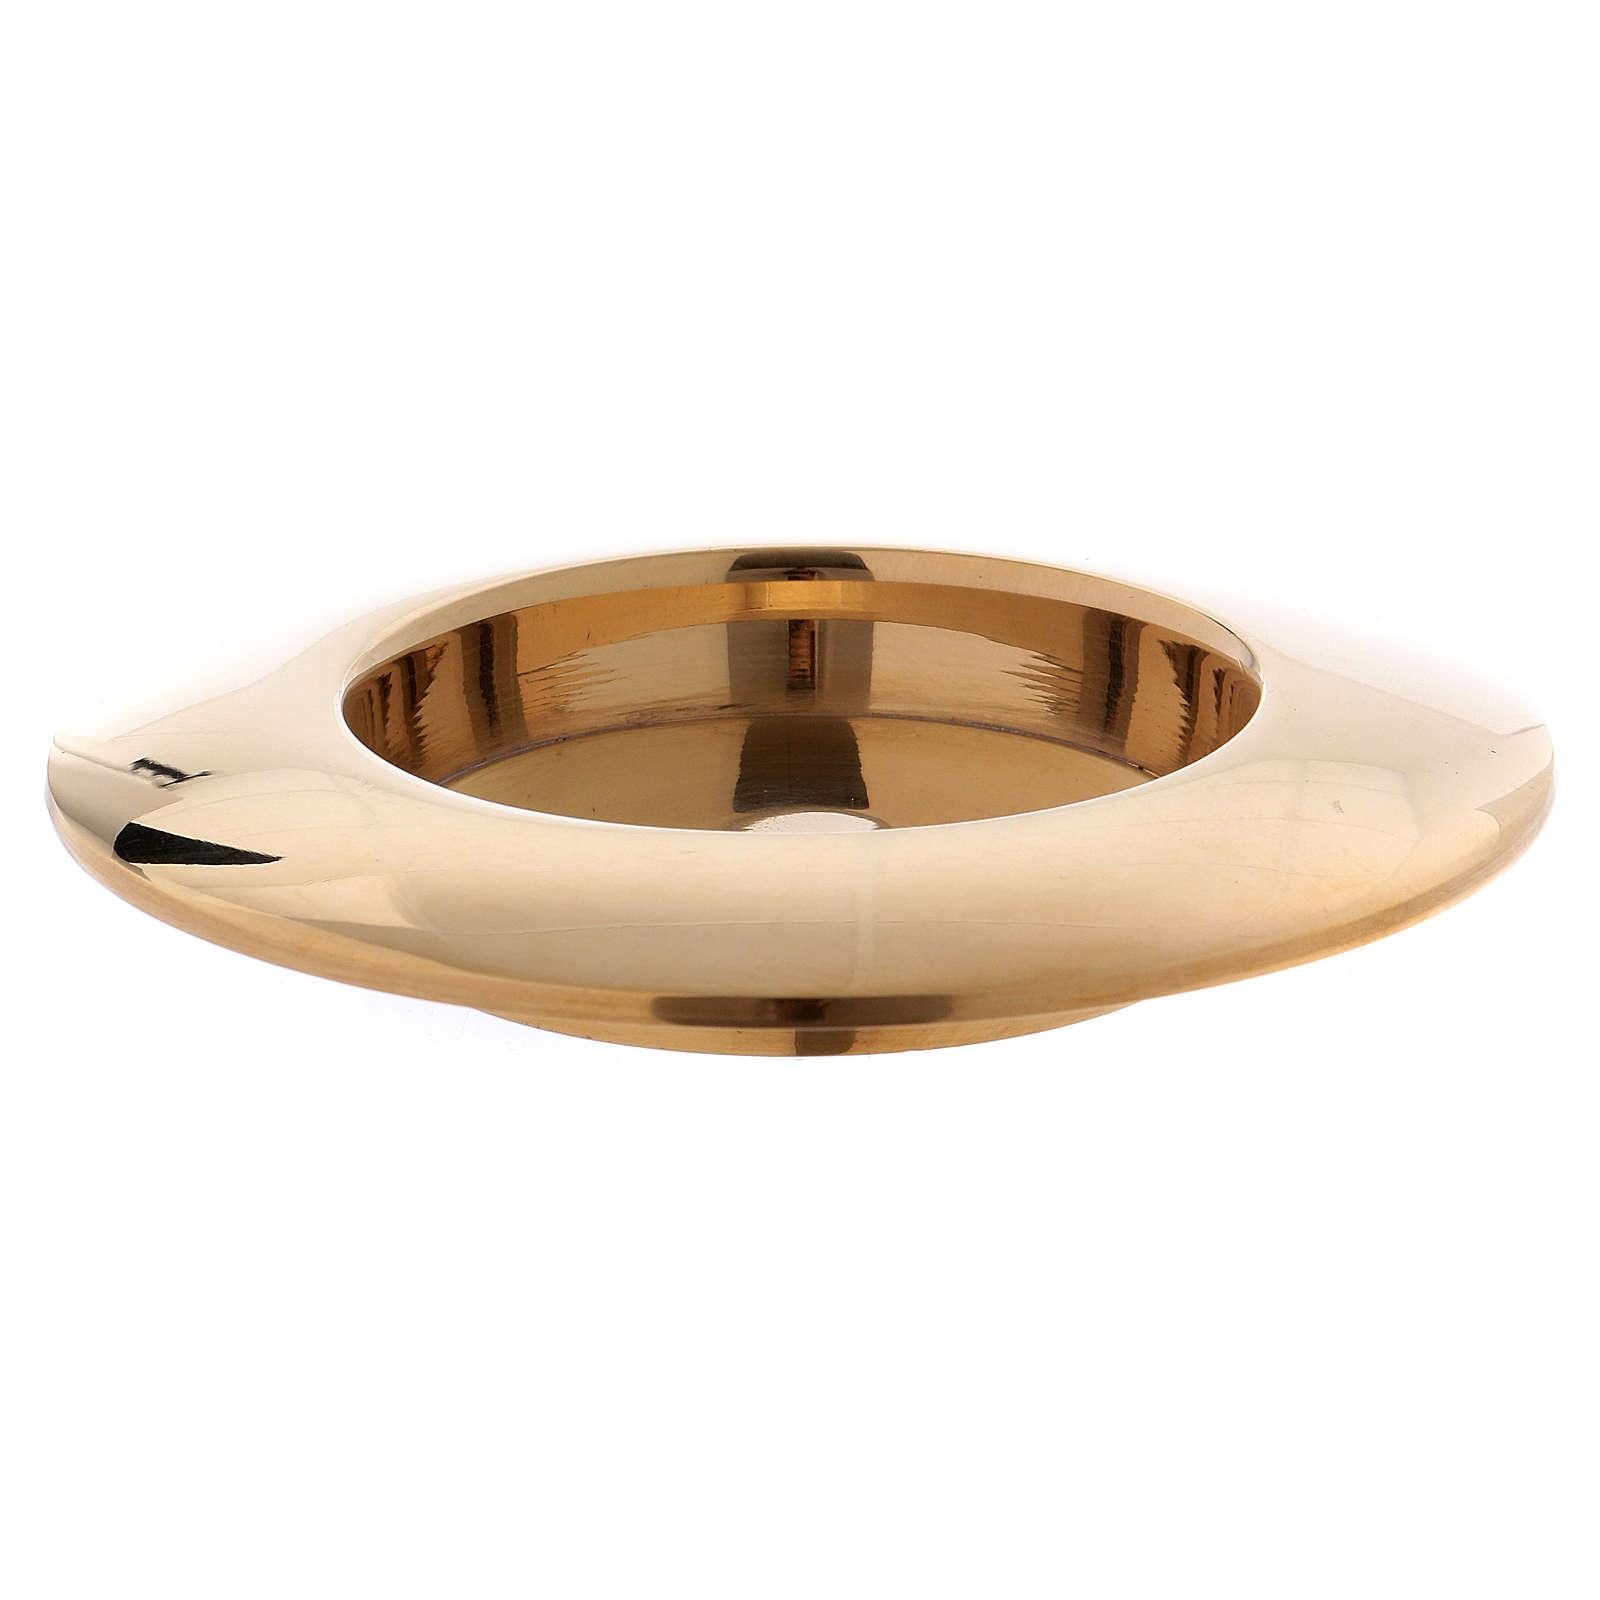 Portacandele ottone dorato lucido bordo rialzato 3